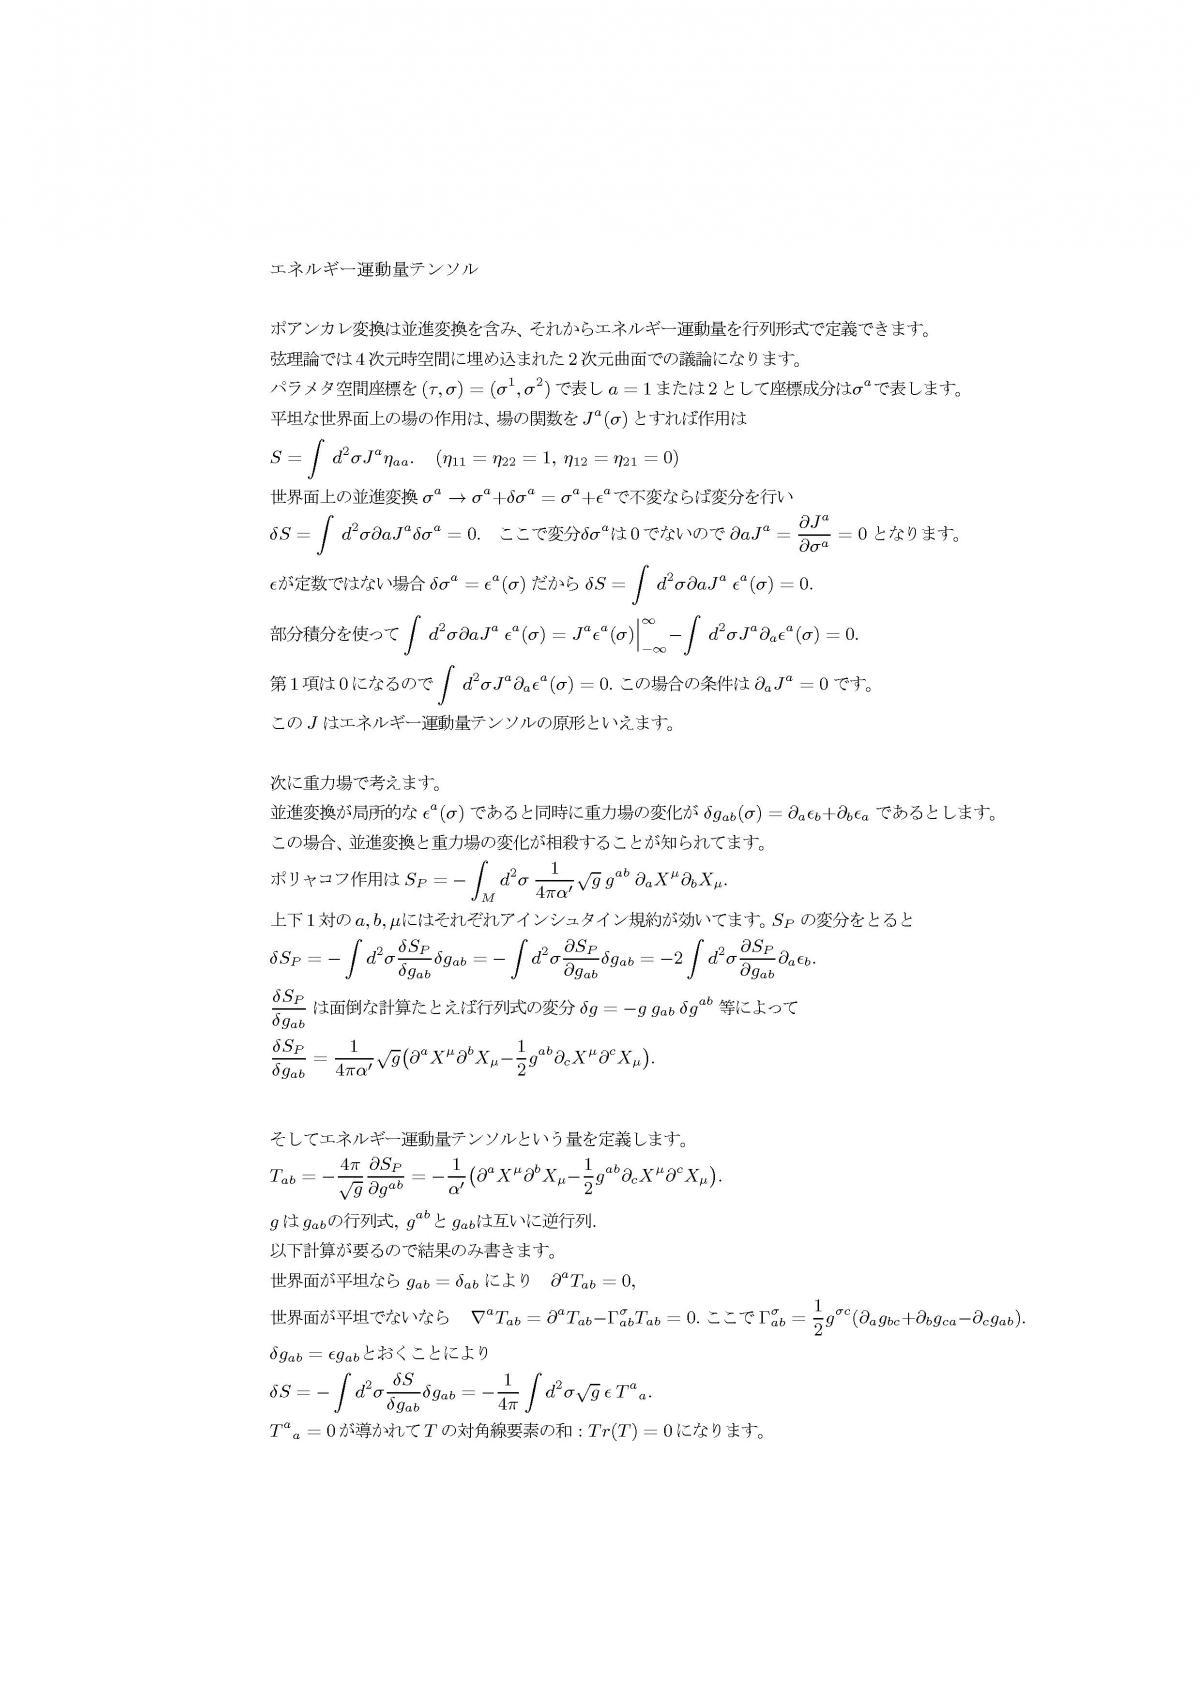 pgen14.jpg